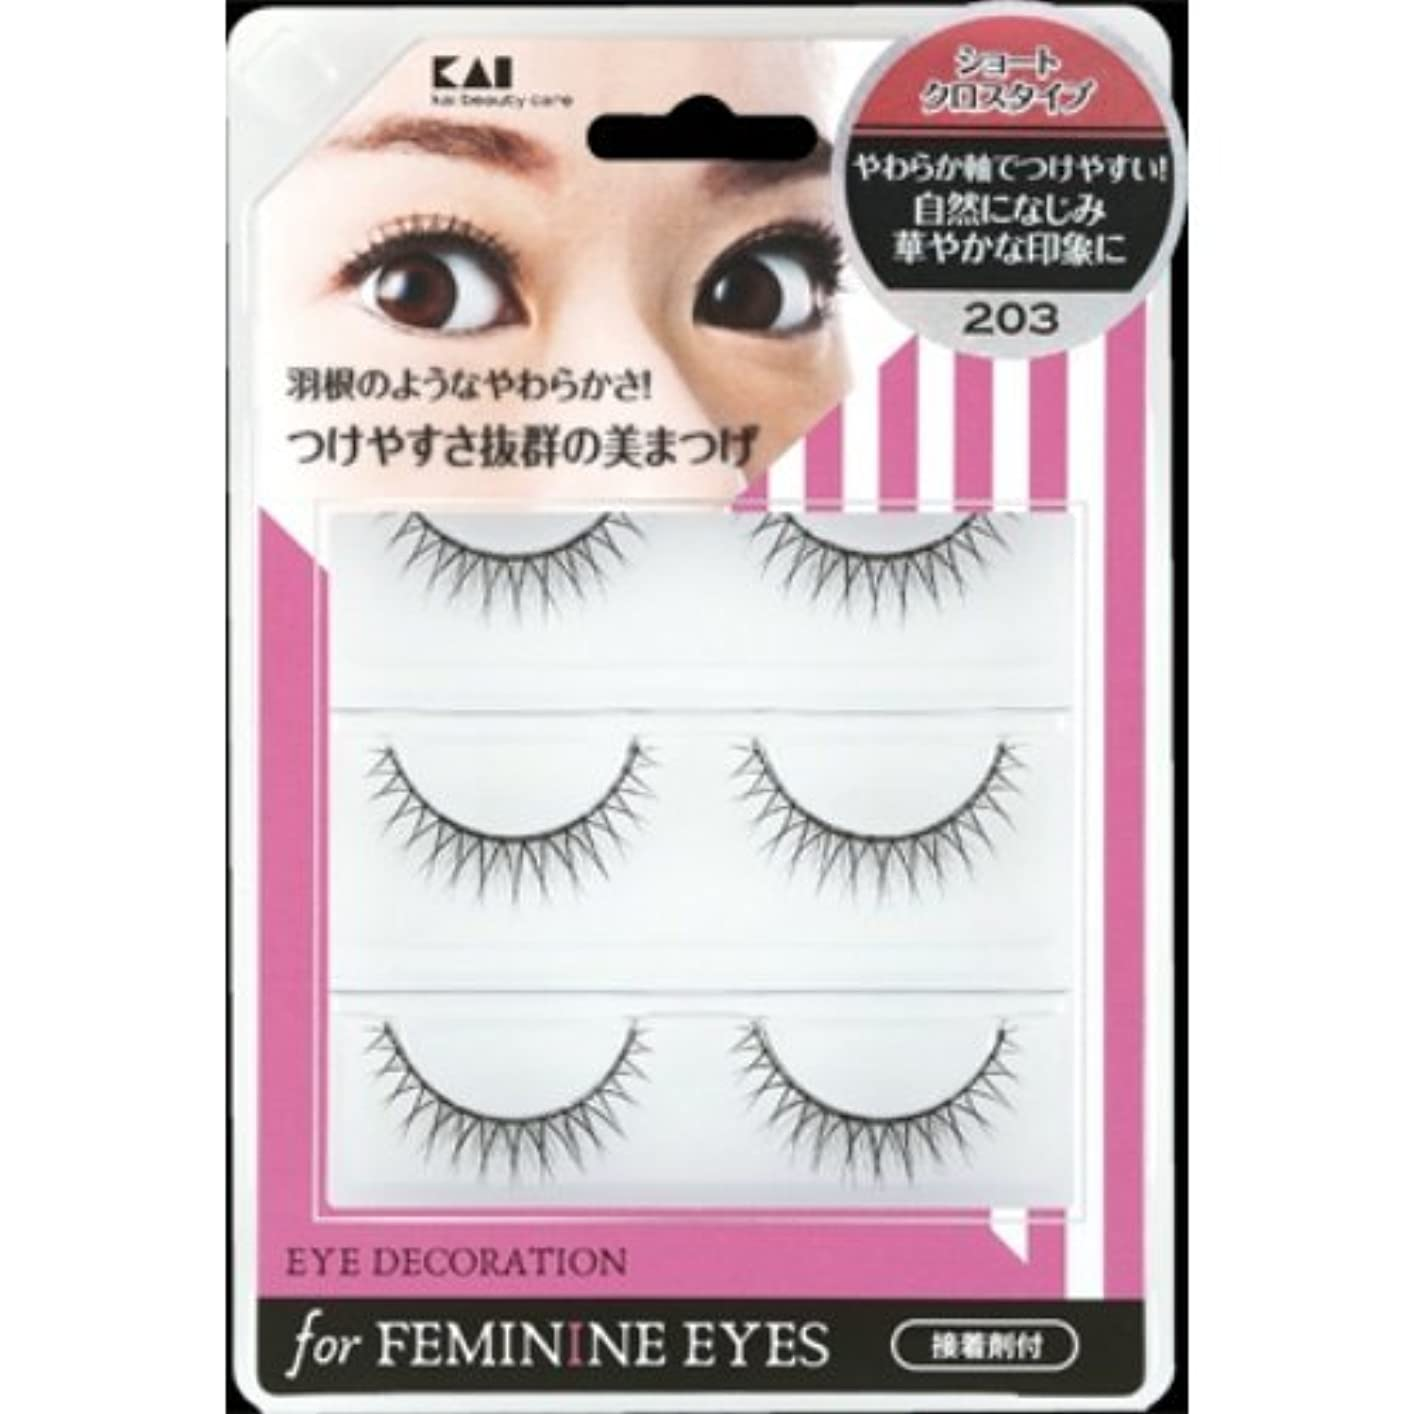 不良下国民投票貝印 アイデコレーション for feminine eyes 203 HC1560